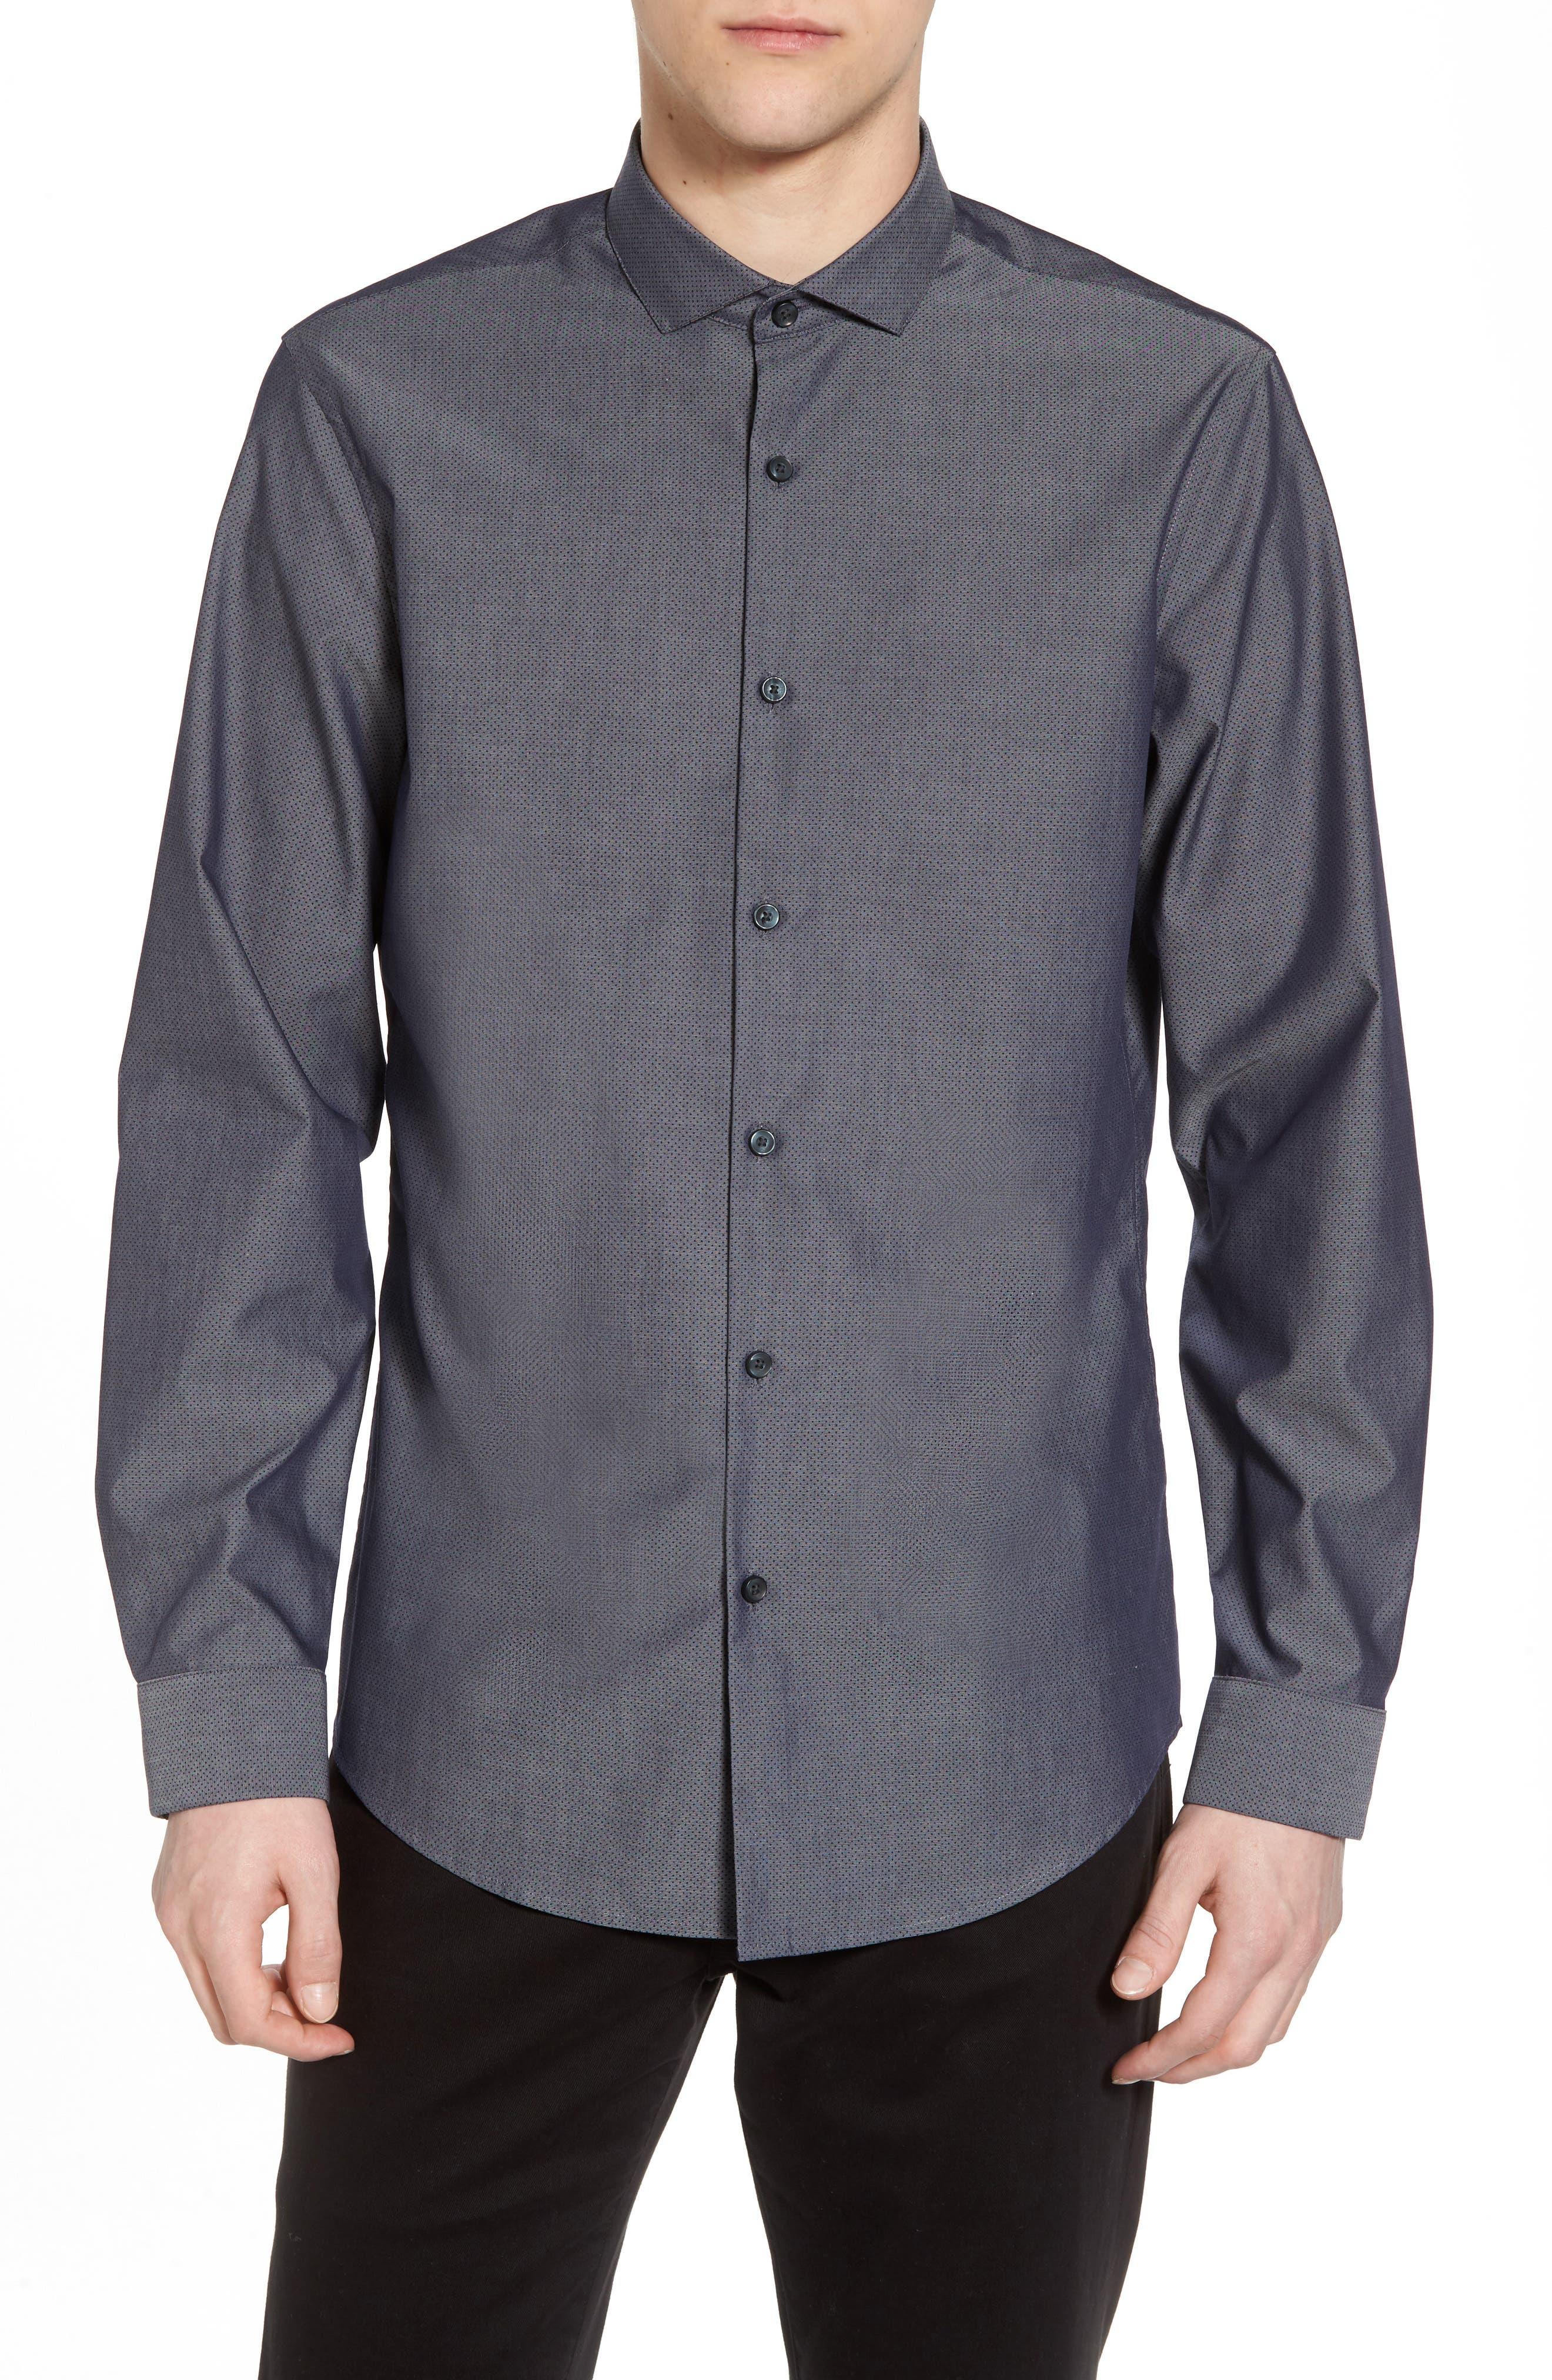 Main Image - Calibrate Slim Fit Solid Sport Shirt